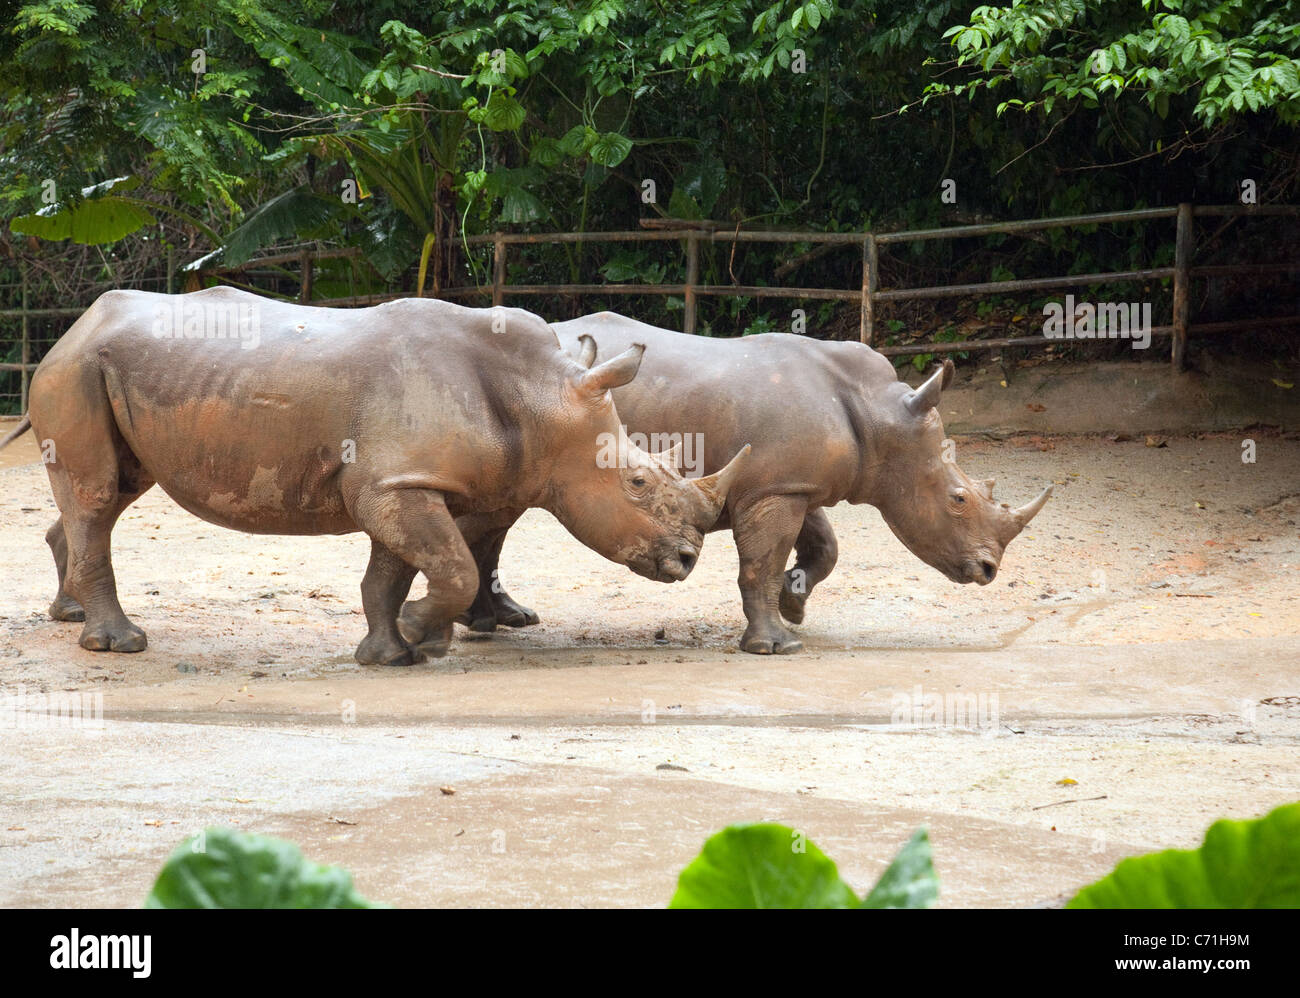 A pair of White rhinoceros (Ceratotherium simum) in Singapore Zoo, Asia - Stock Image